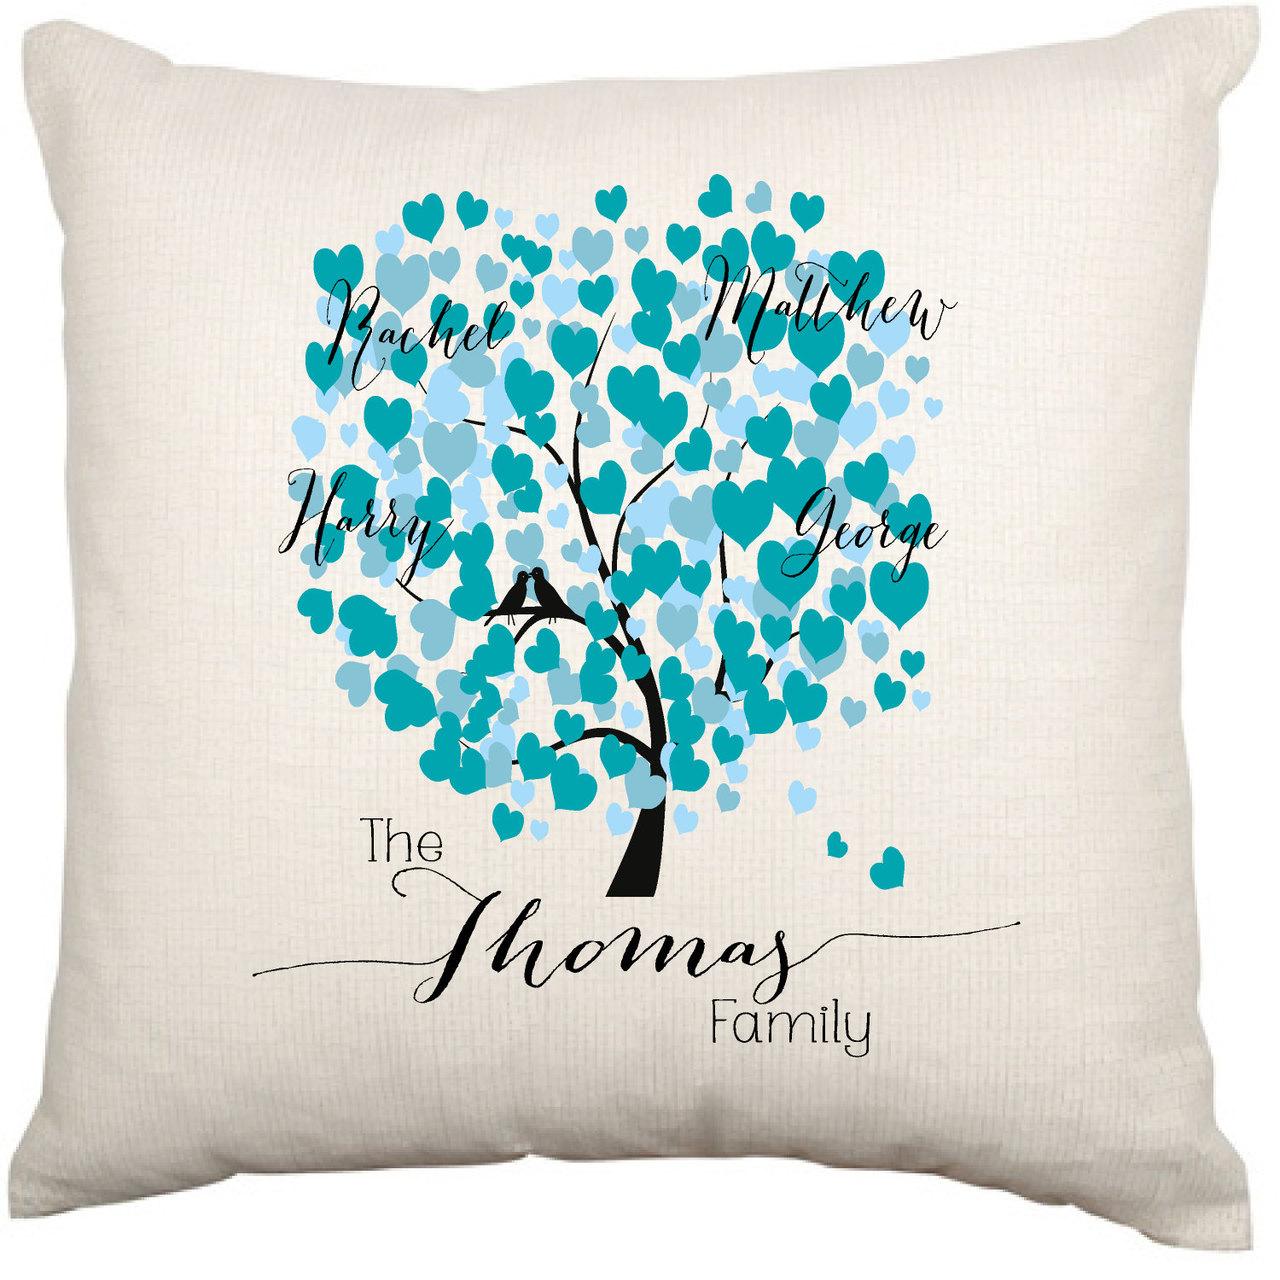 Personalised Cushion Covers  573e2e3e03e6